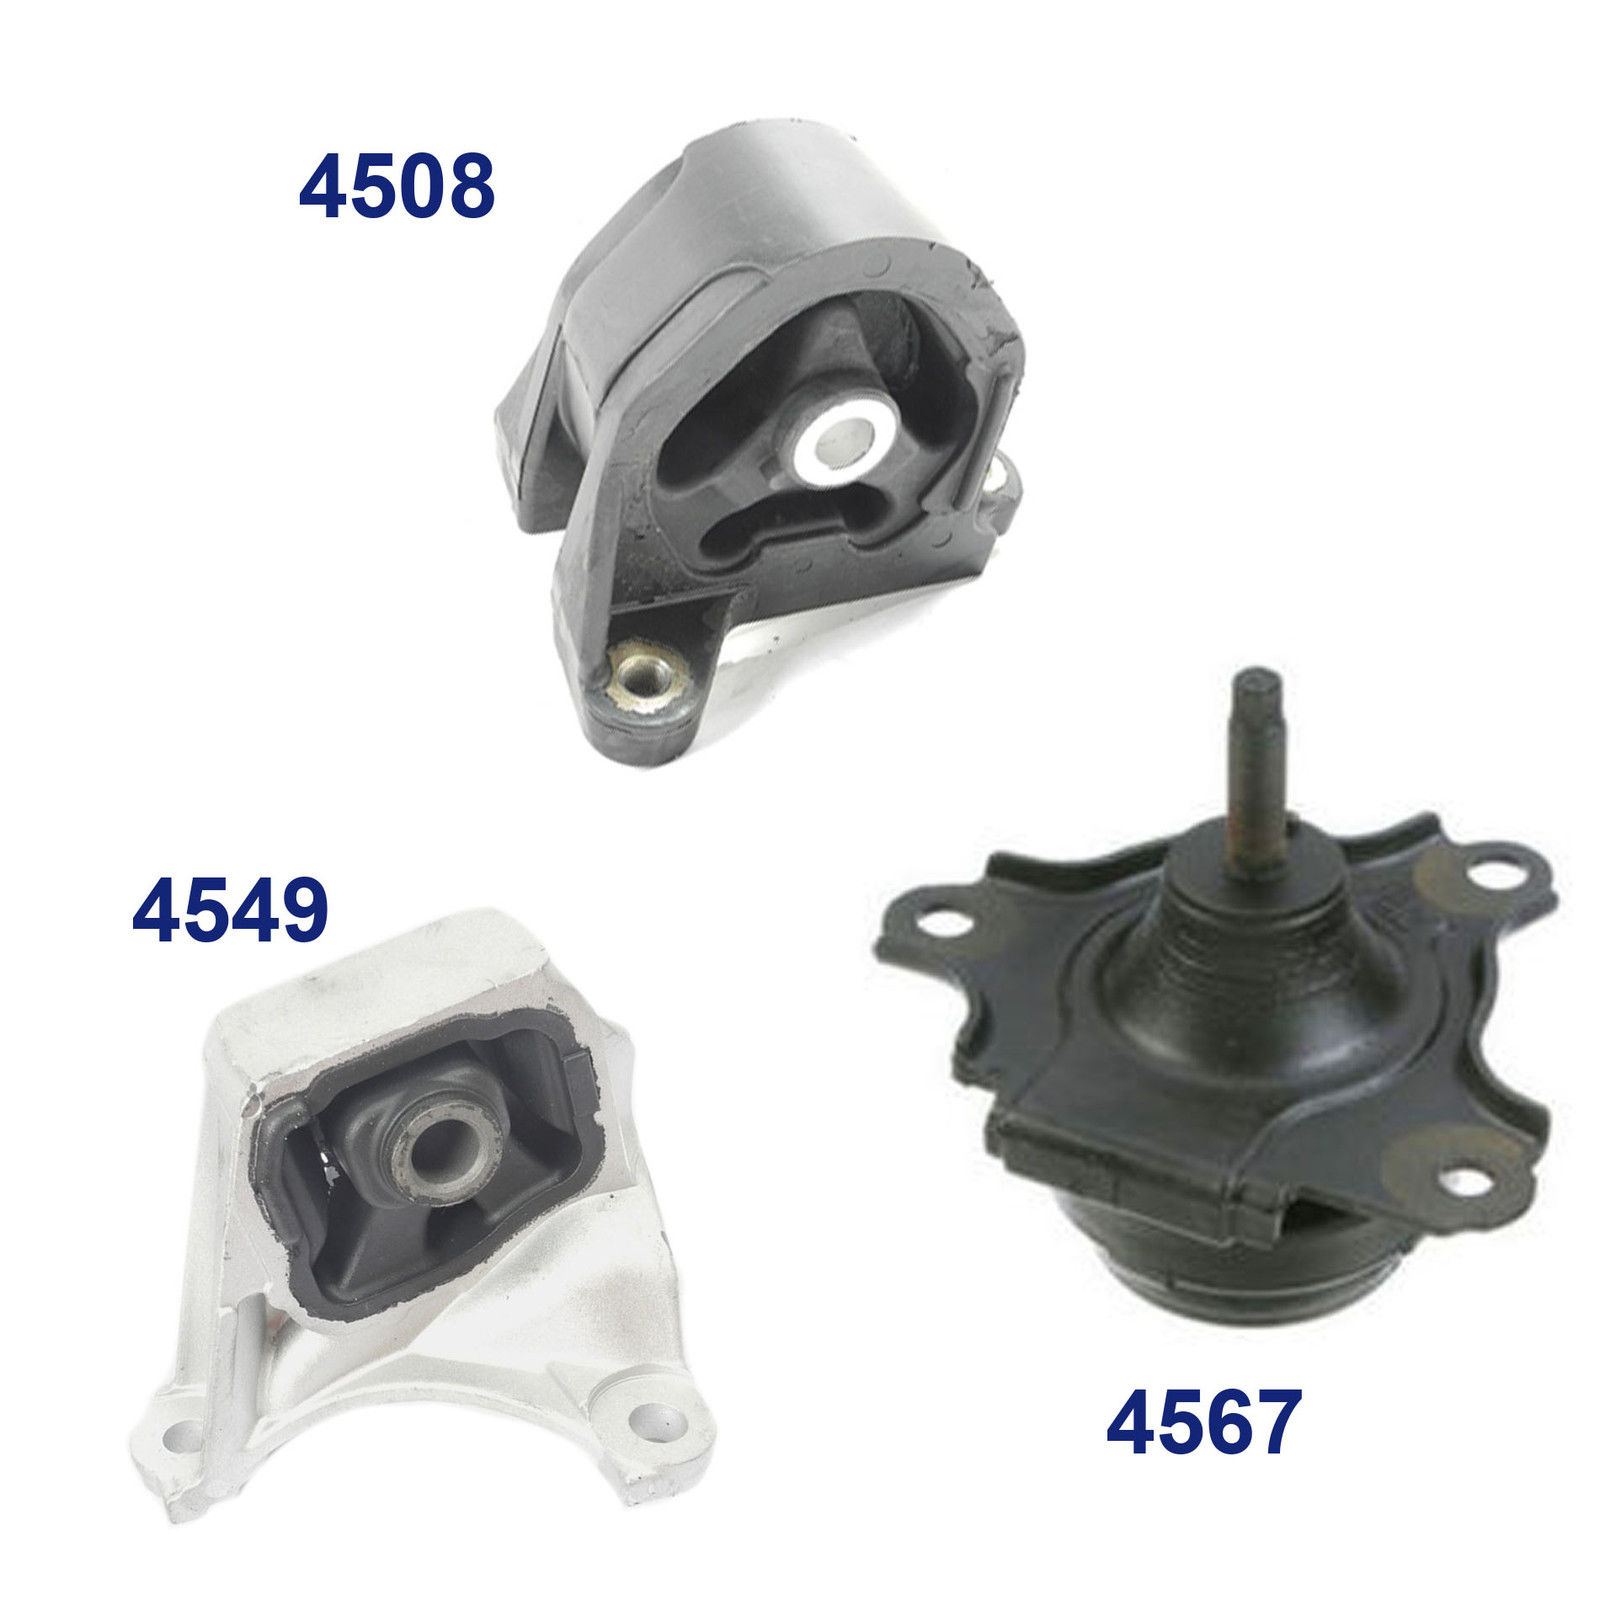 Rear Engine Motor Mount 4508 EM9175 For 2002-2006 Acura RSX 2.0L